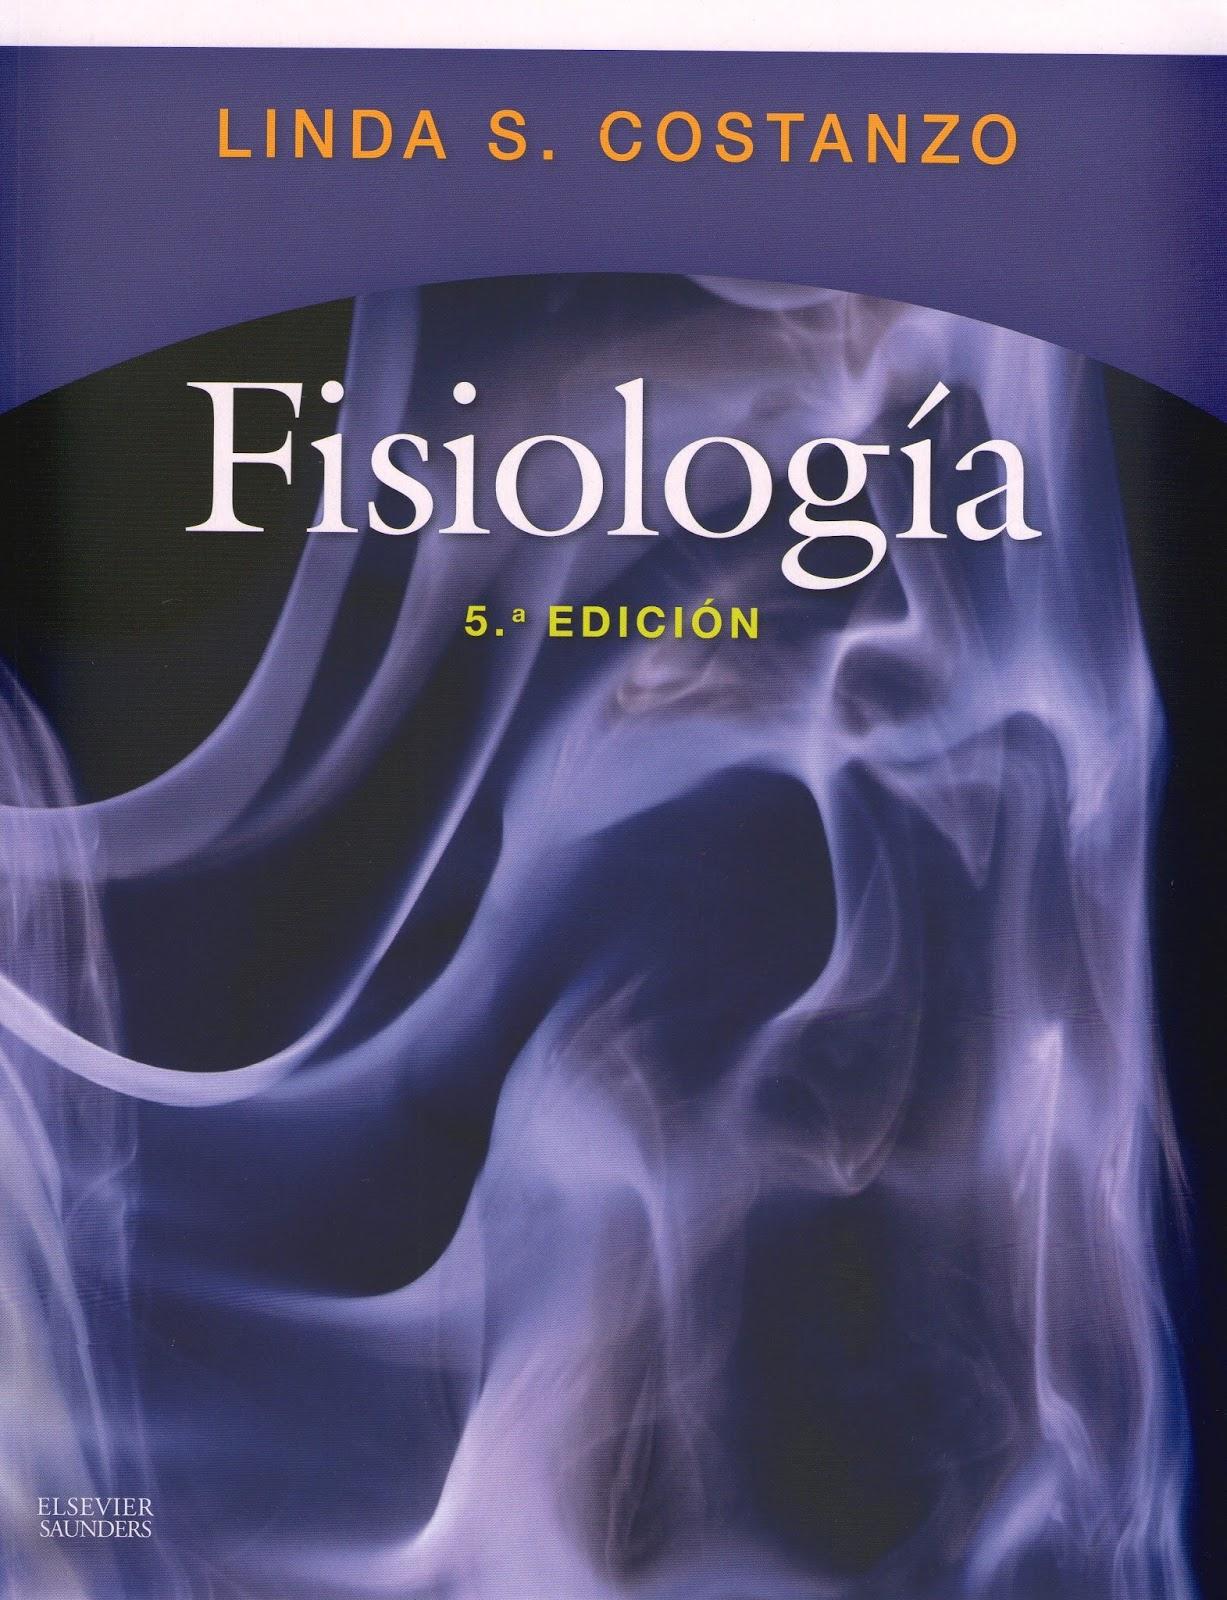 Fisiología Linda S. Costanzo 5ª Edición - TuClubdeFarmacia